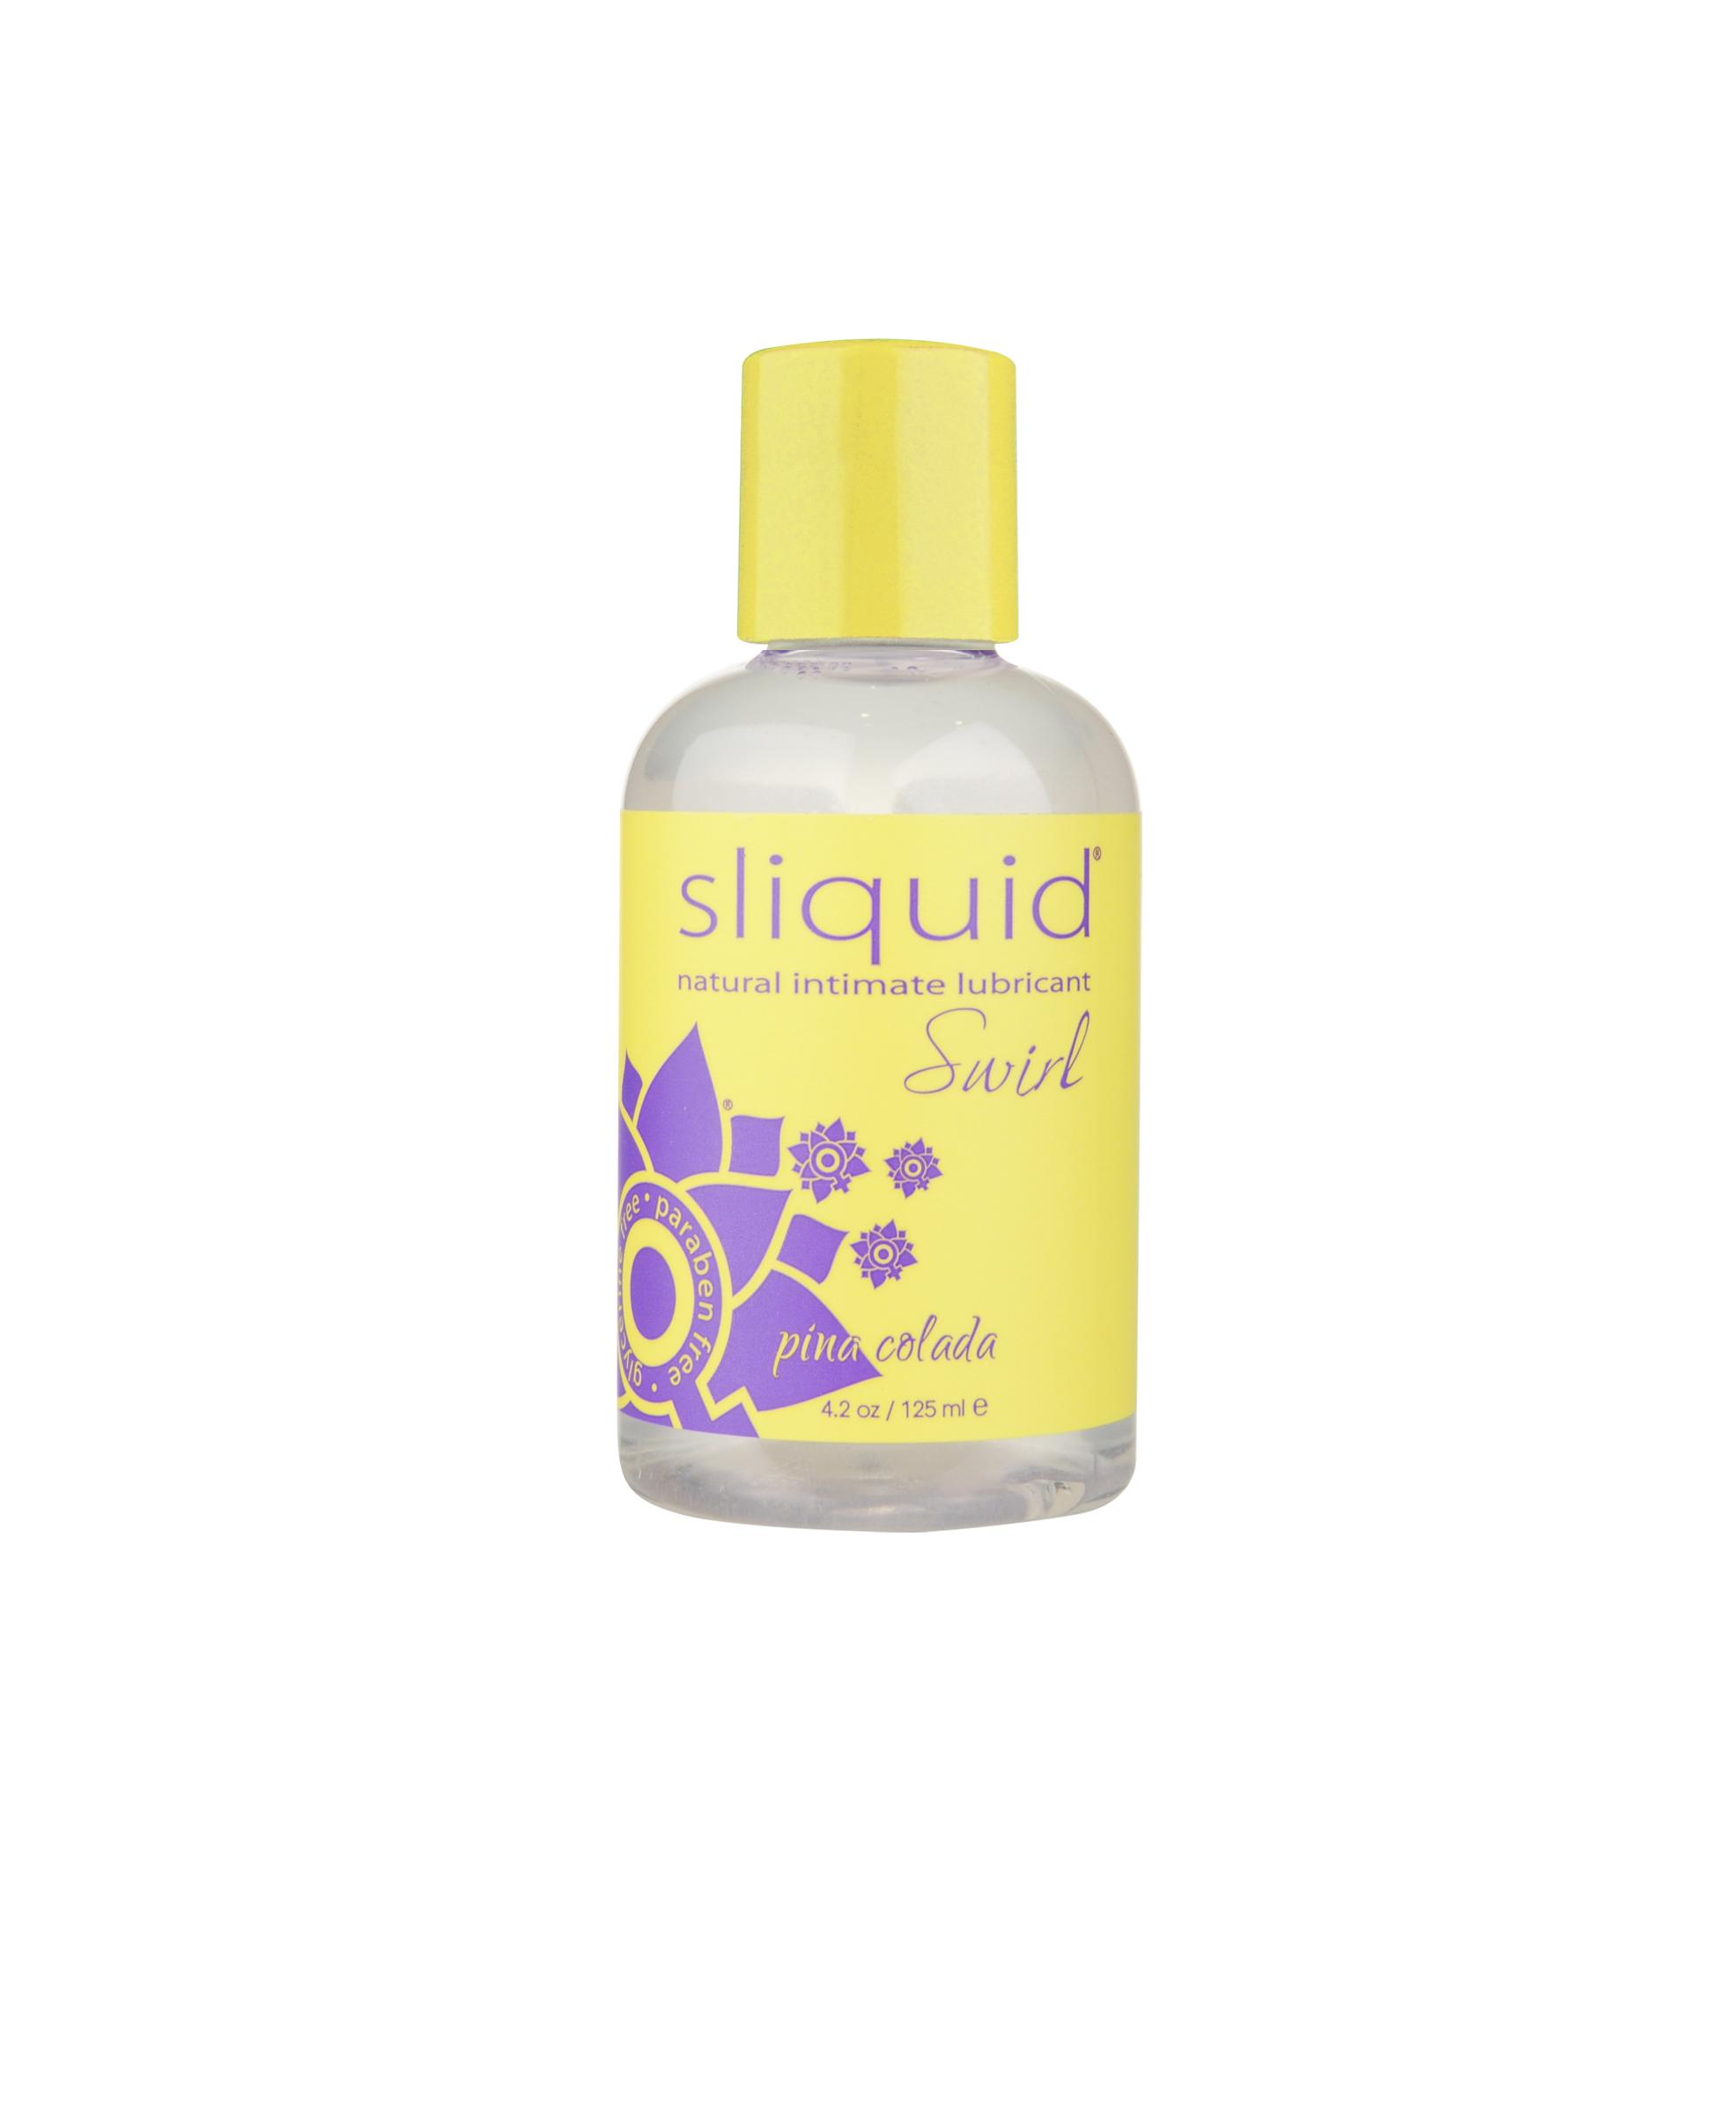 Sliquid - Naturals Swirl - Pina Colada - 125ml